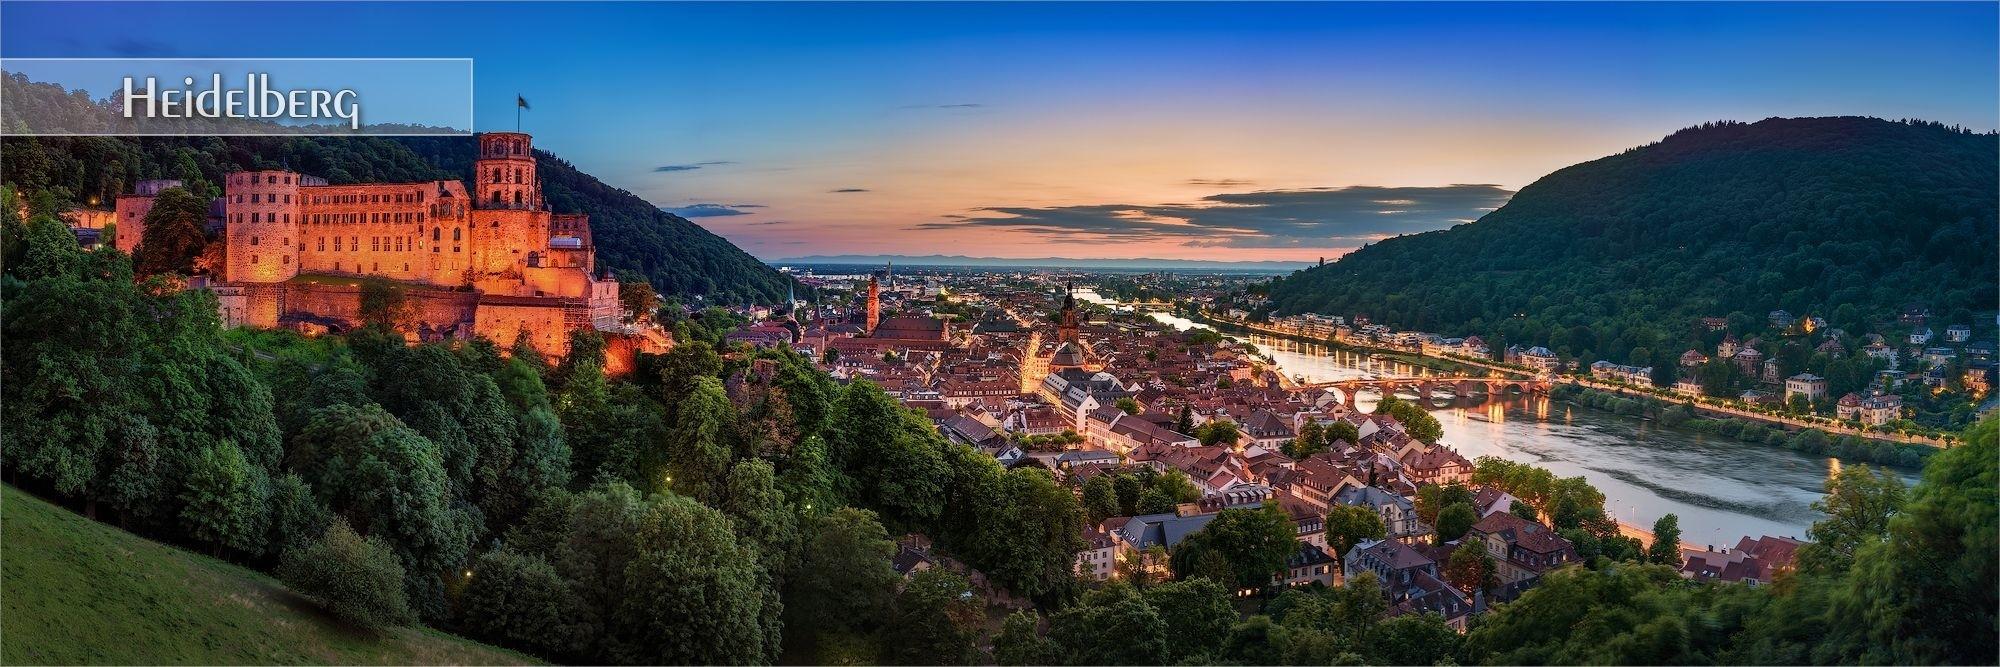 Bilder als Wandbild und Küchenrückwand aus Heidelberg